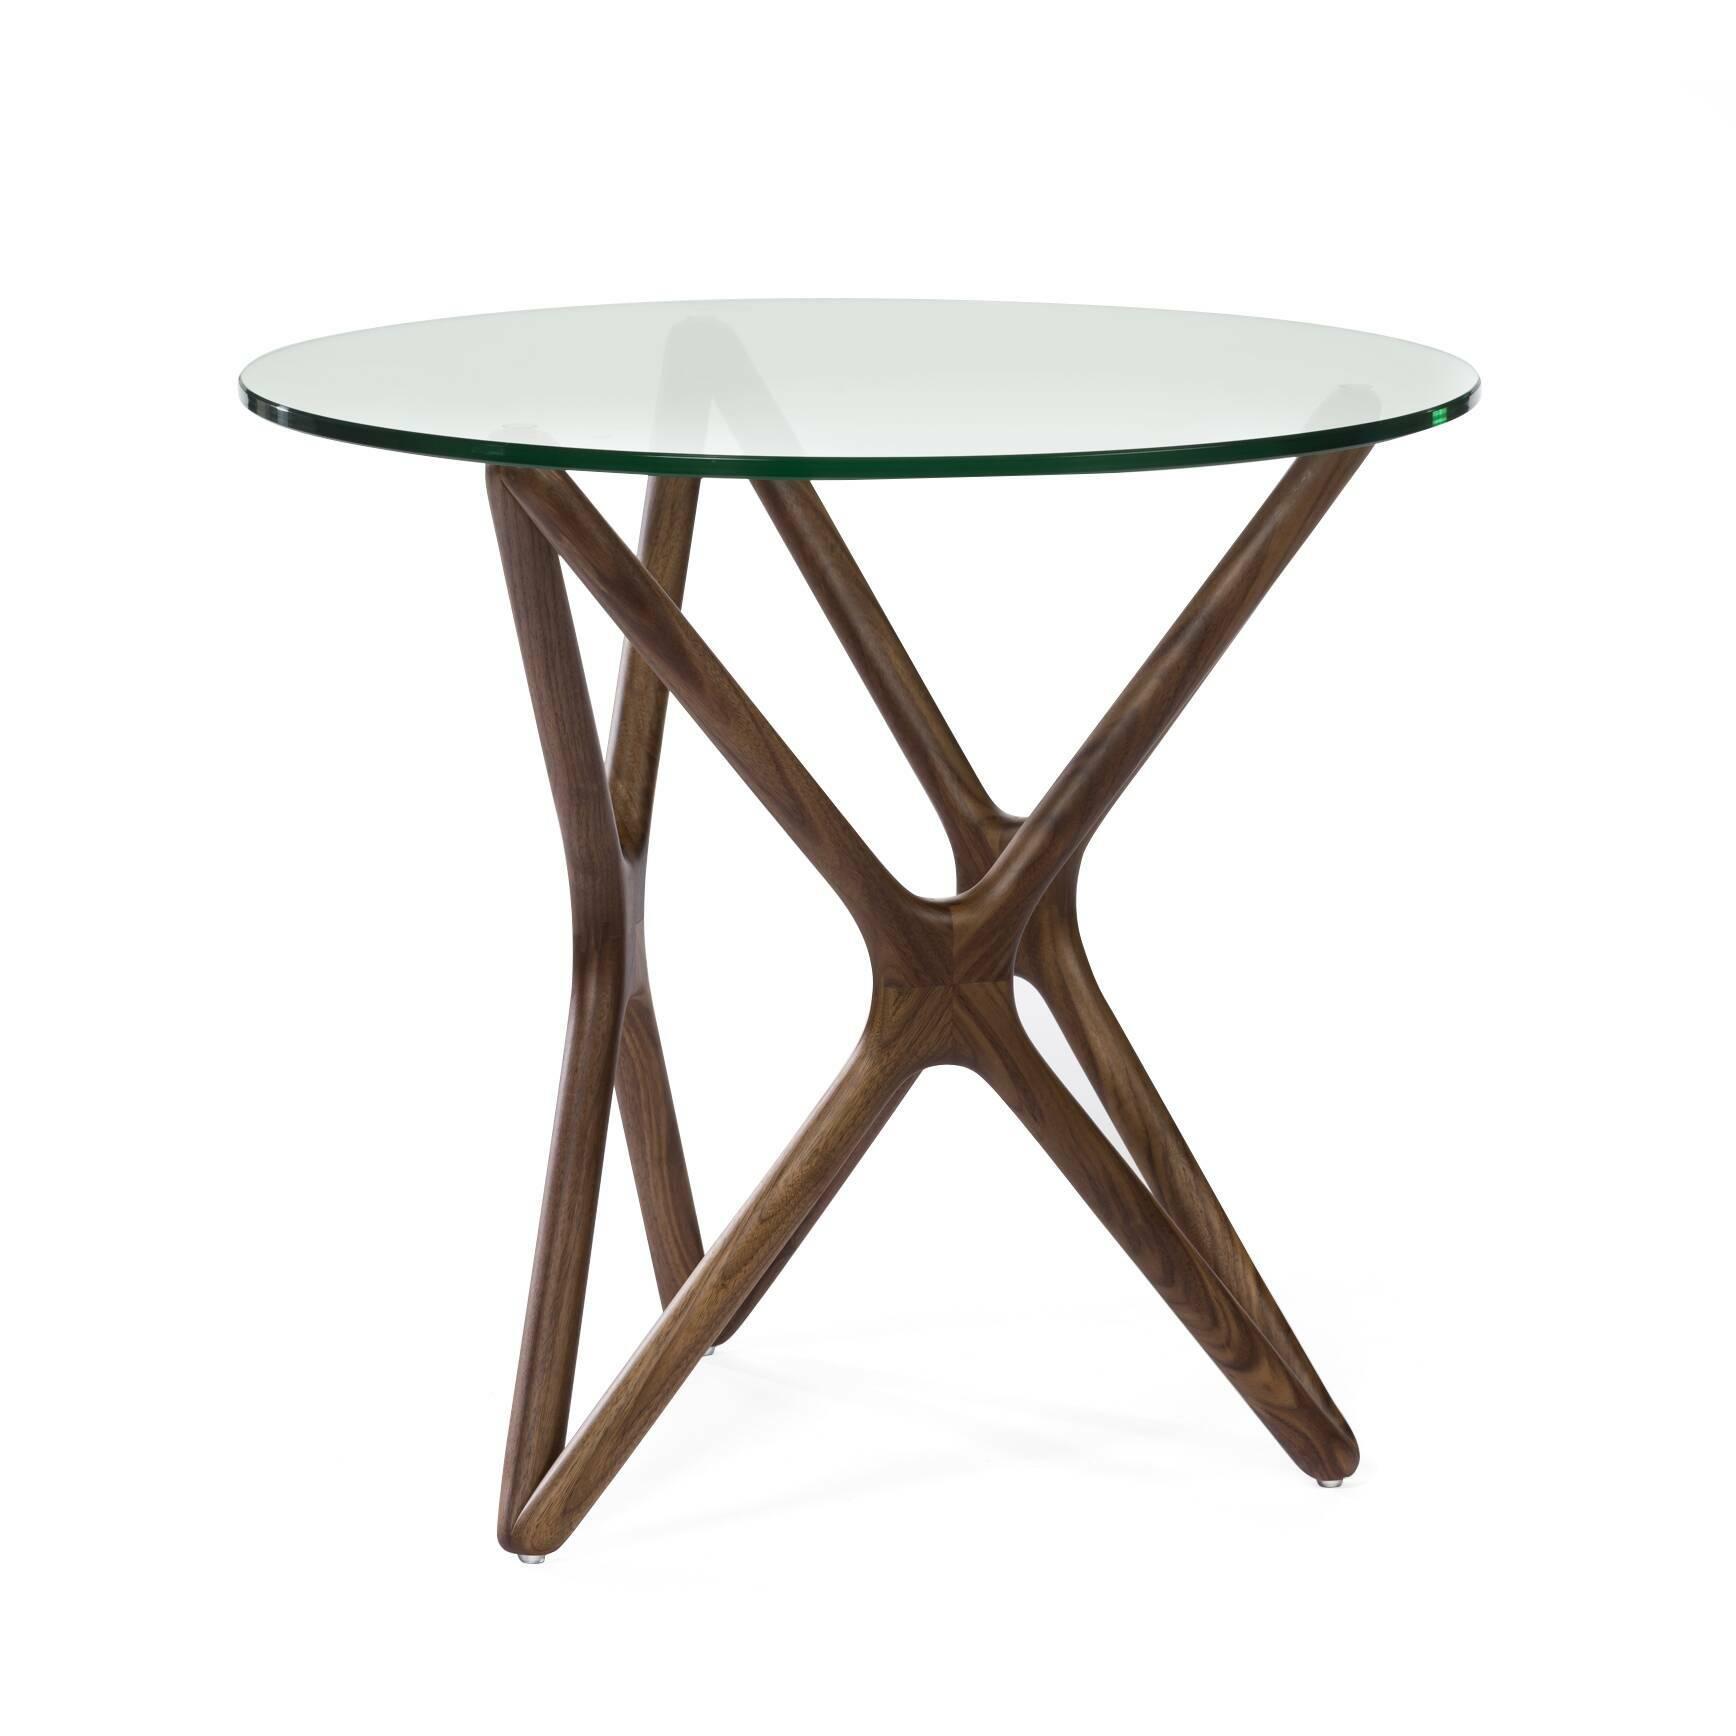 Кофейный стол Triple X высота 51Кофейные столики<br>Дизайнерский креативный кофейный стол Triple X (Трипл Икс) с высотой 51 см с деревянными ножками и стеклянной столешницей от Cosmo (Космо).<br><br>Впечатляющее, привлекательное сочетание стекла и дерева собраны в единую и стройную конструкцию, чтобы создать настоящее произведение искусства для вашего интерьера. Прочные ножки из долговечного американского ореха (в другом варианте — из белого дуба) будто оплетают чистое как слеза стекло, превращаясь в поистине прекрасный и не менее функциональный...<br><br>stock: 3<br>Высота: 51<br>Диаметр: 55<br>Цвет ножек: Орех американский<br>Цвет столешницы: Прозрачный<br>Материал ножек: Массив ореха<br>Тип материала столешницы: Стекло закаленное<br>Тип материала ножек: Дерево